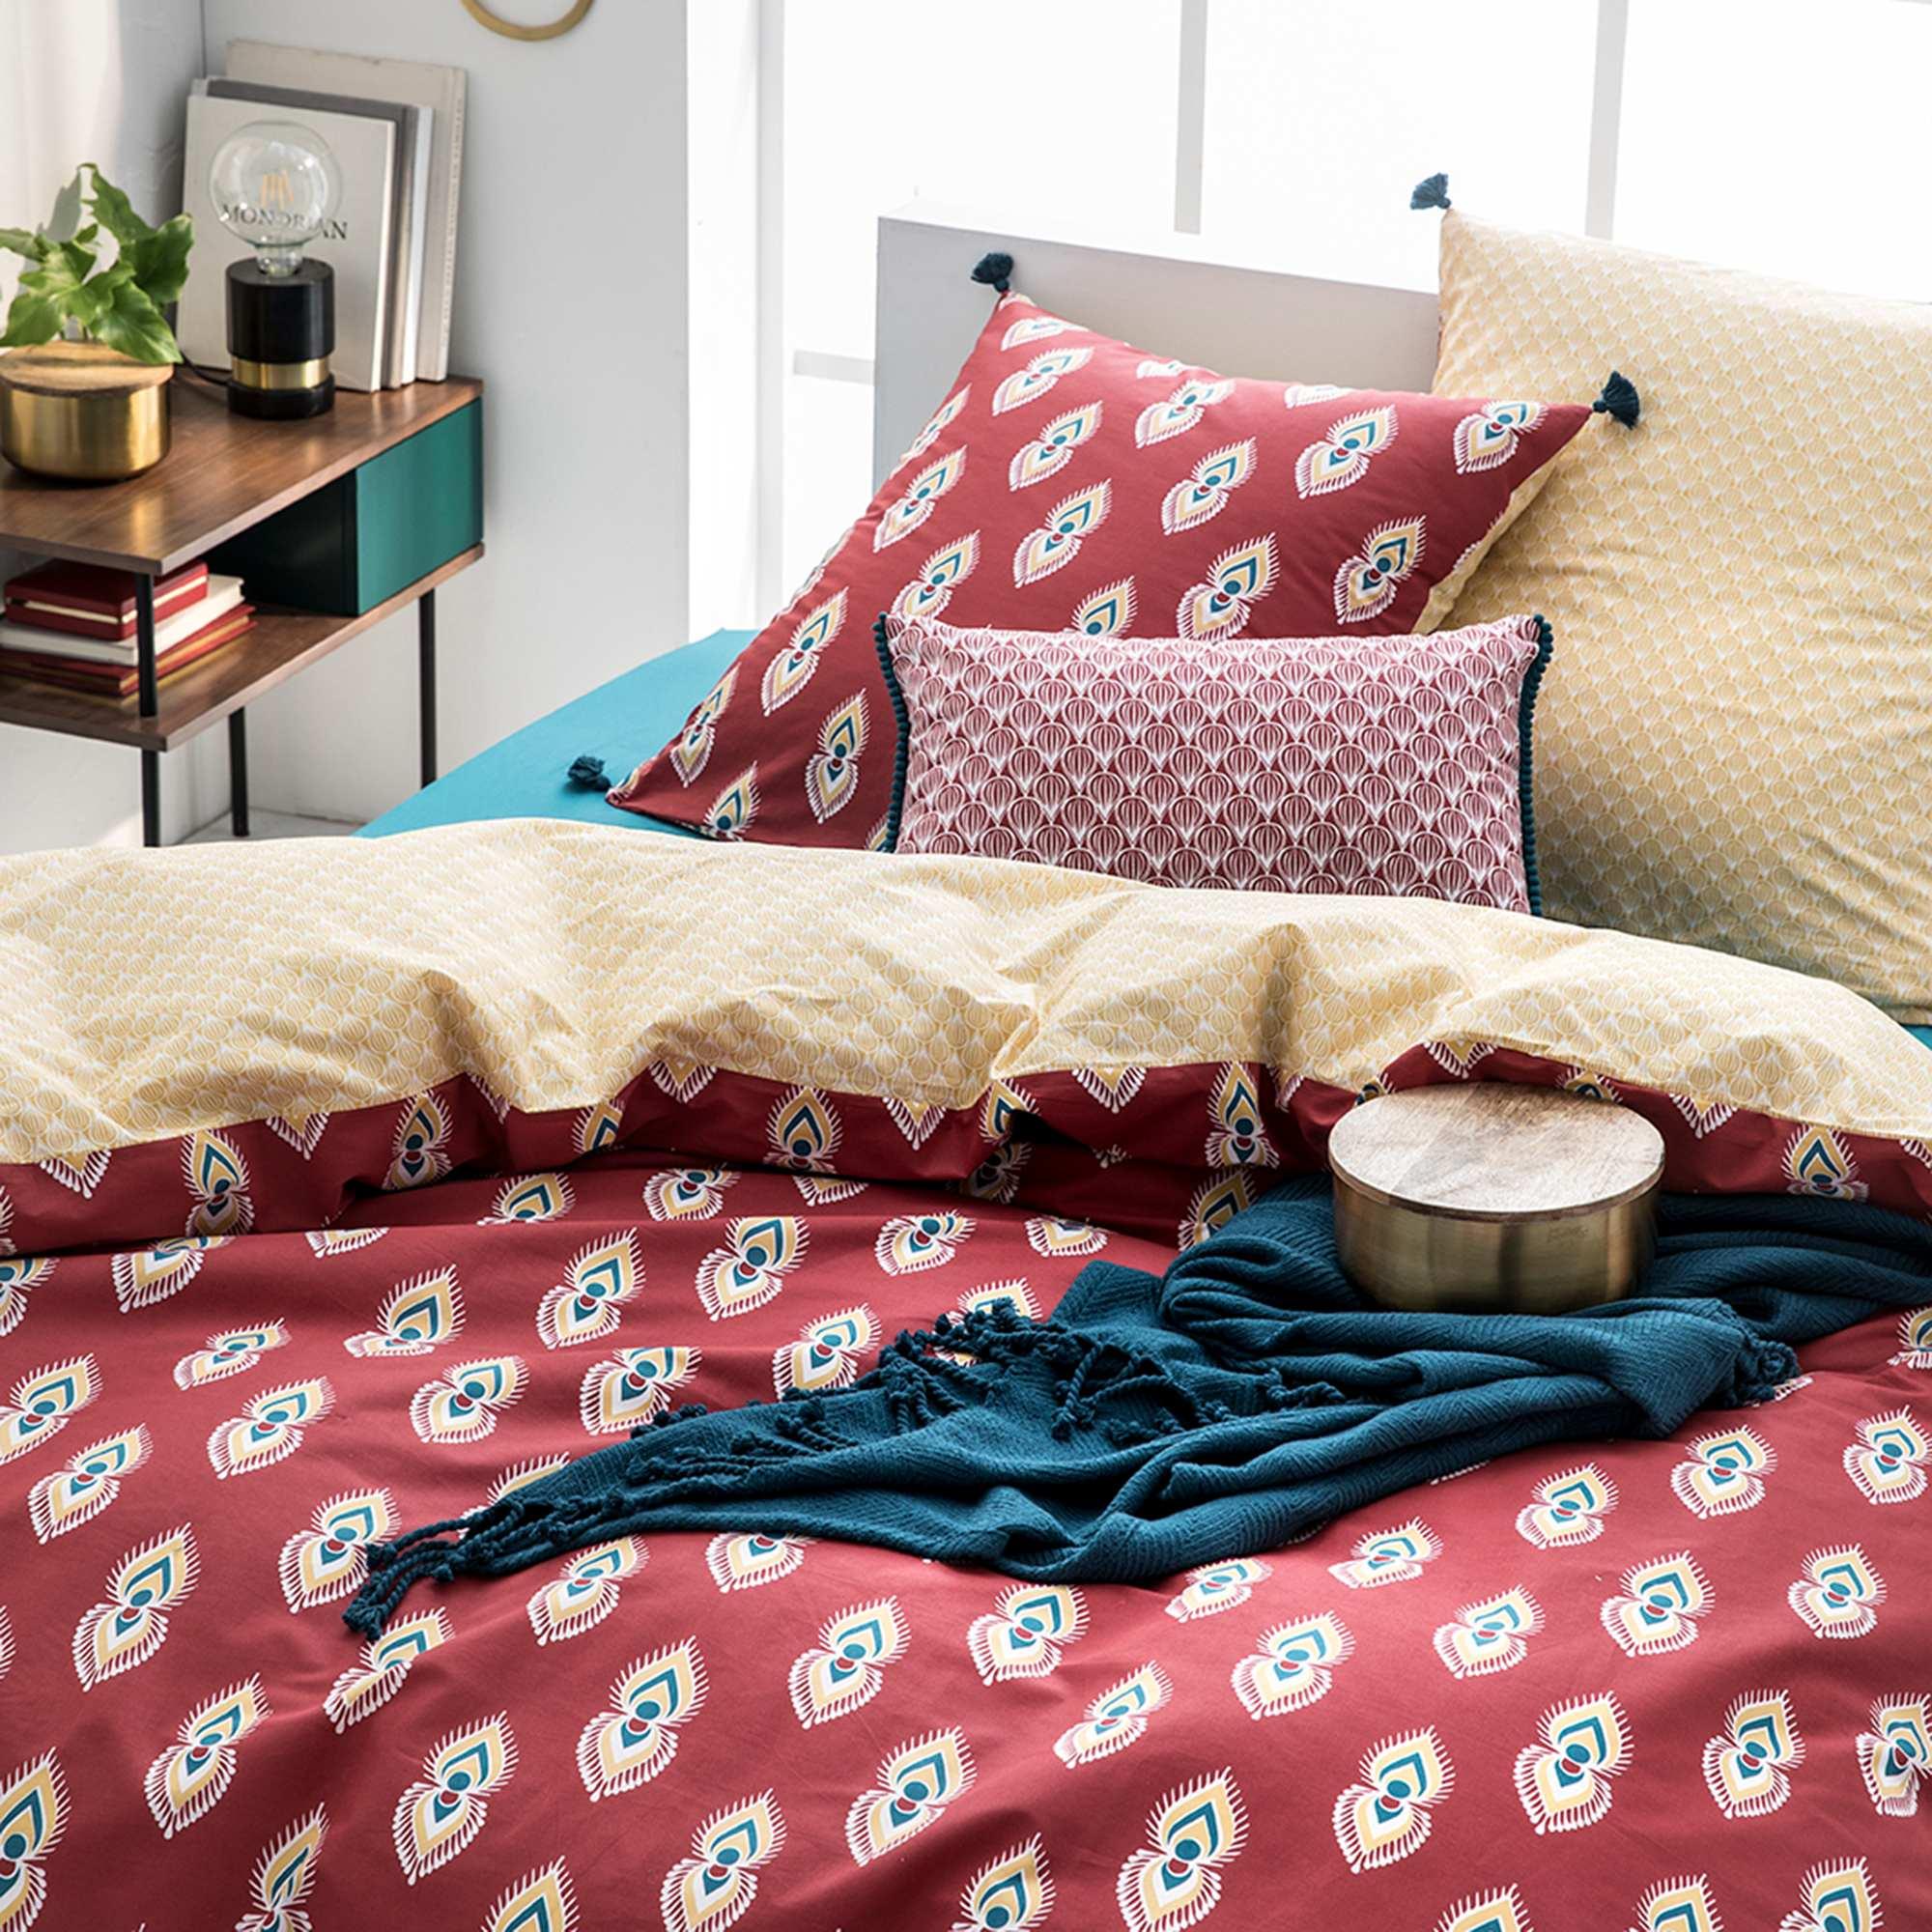 Parure de lit 2 personnes linge de lit rouge jaune - Parure de lit om 2 personnes ...